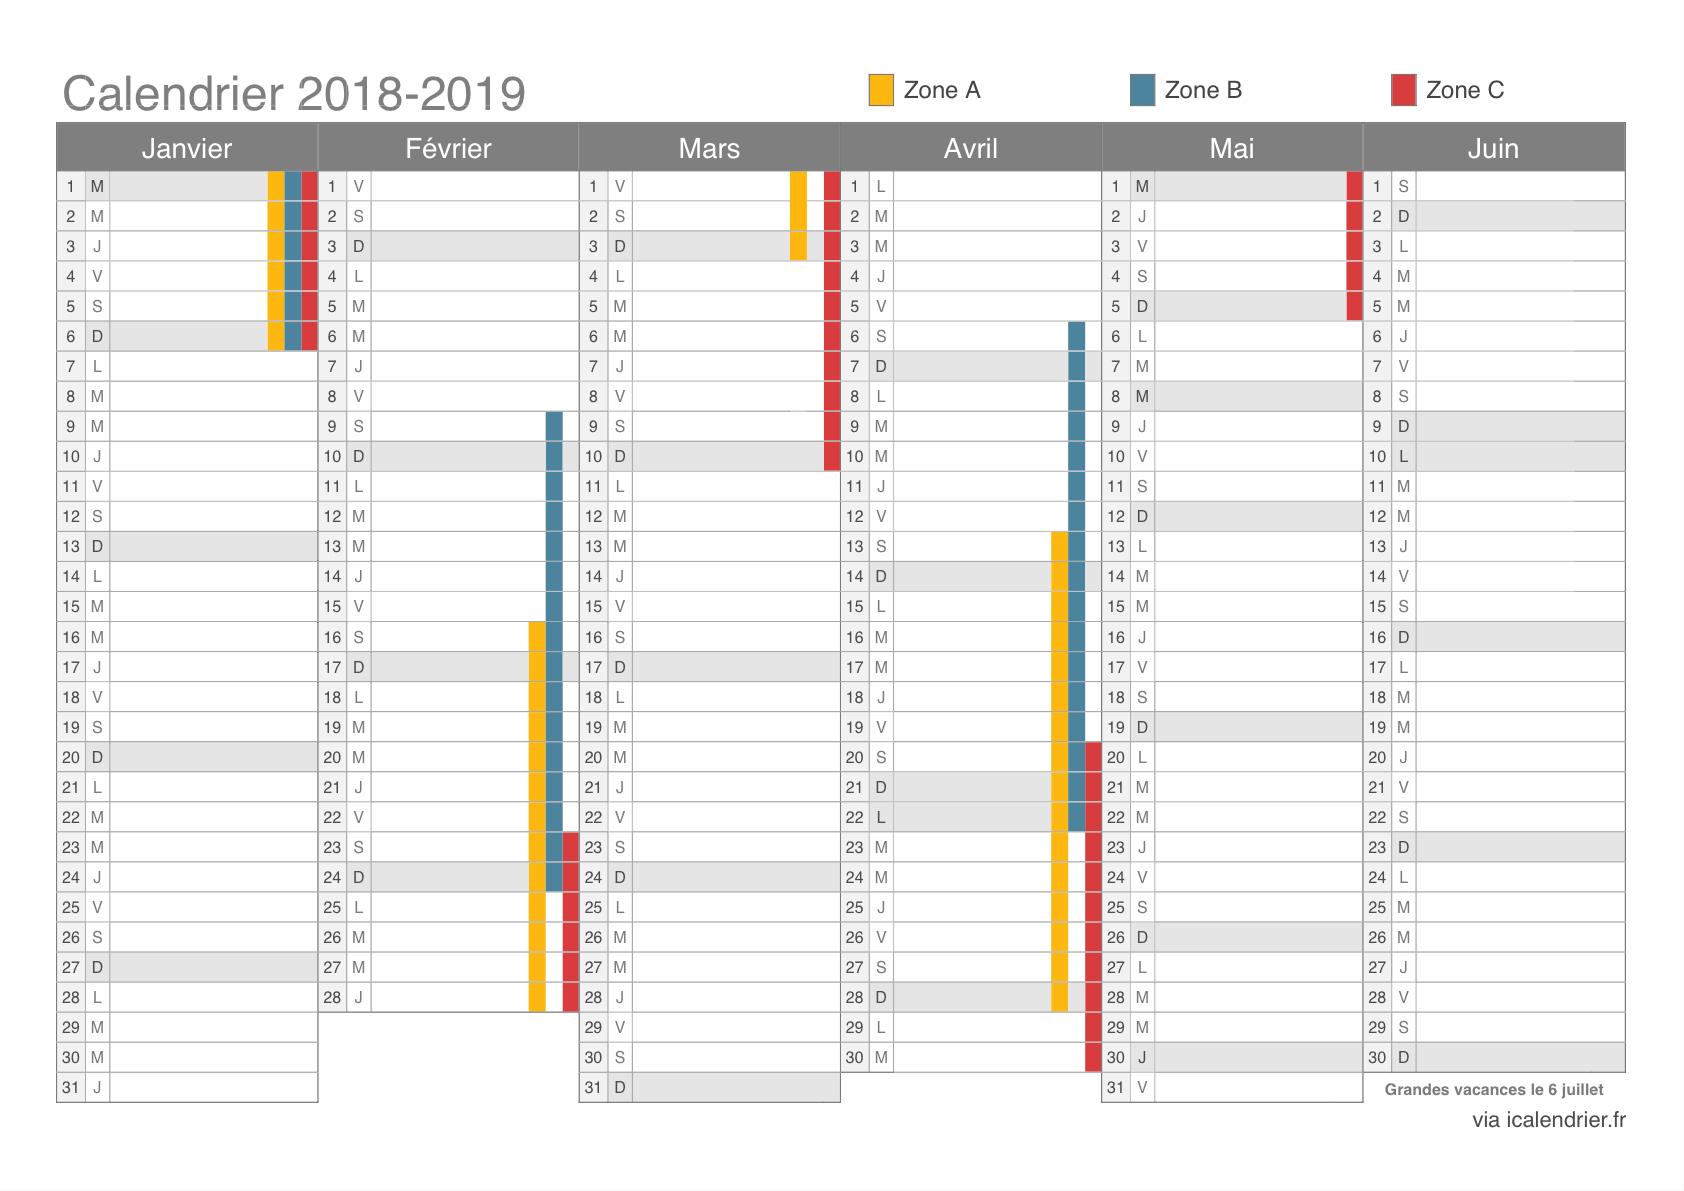 Vacances Scolaires 2018-2019 - Dates - Icalendrier destiné Calendrier 2018 Avec Jours Fériés Vacances Scolaires À Imprimer